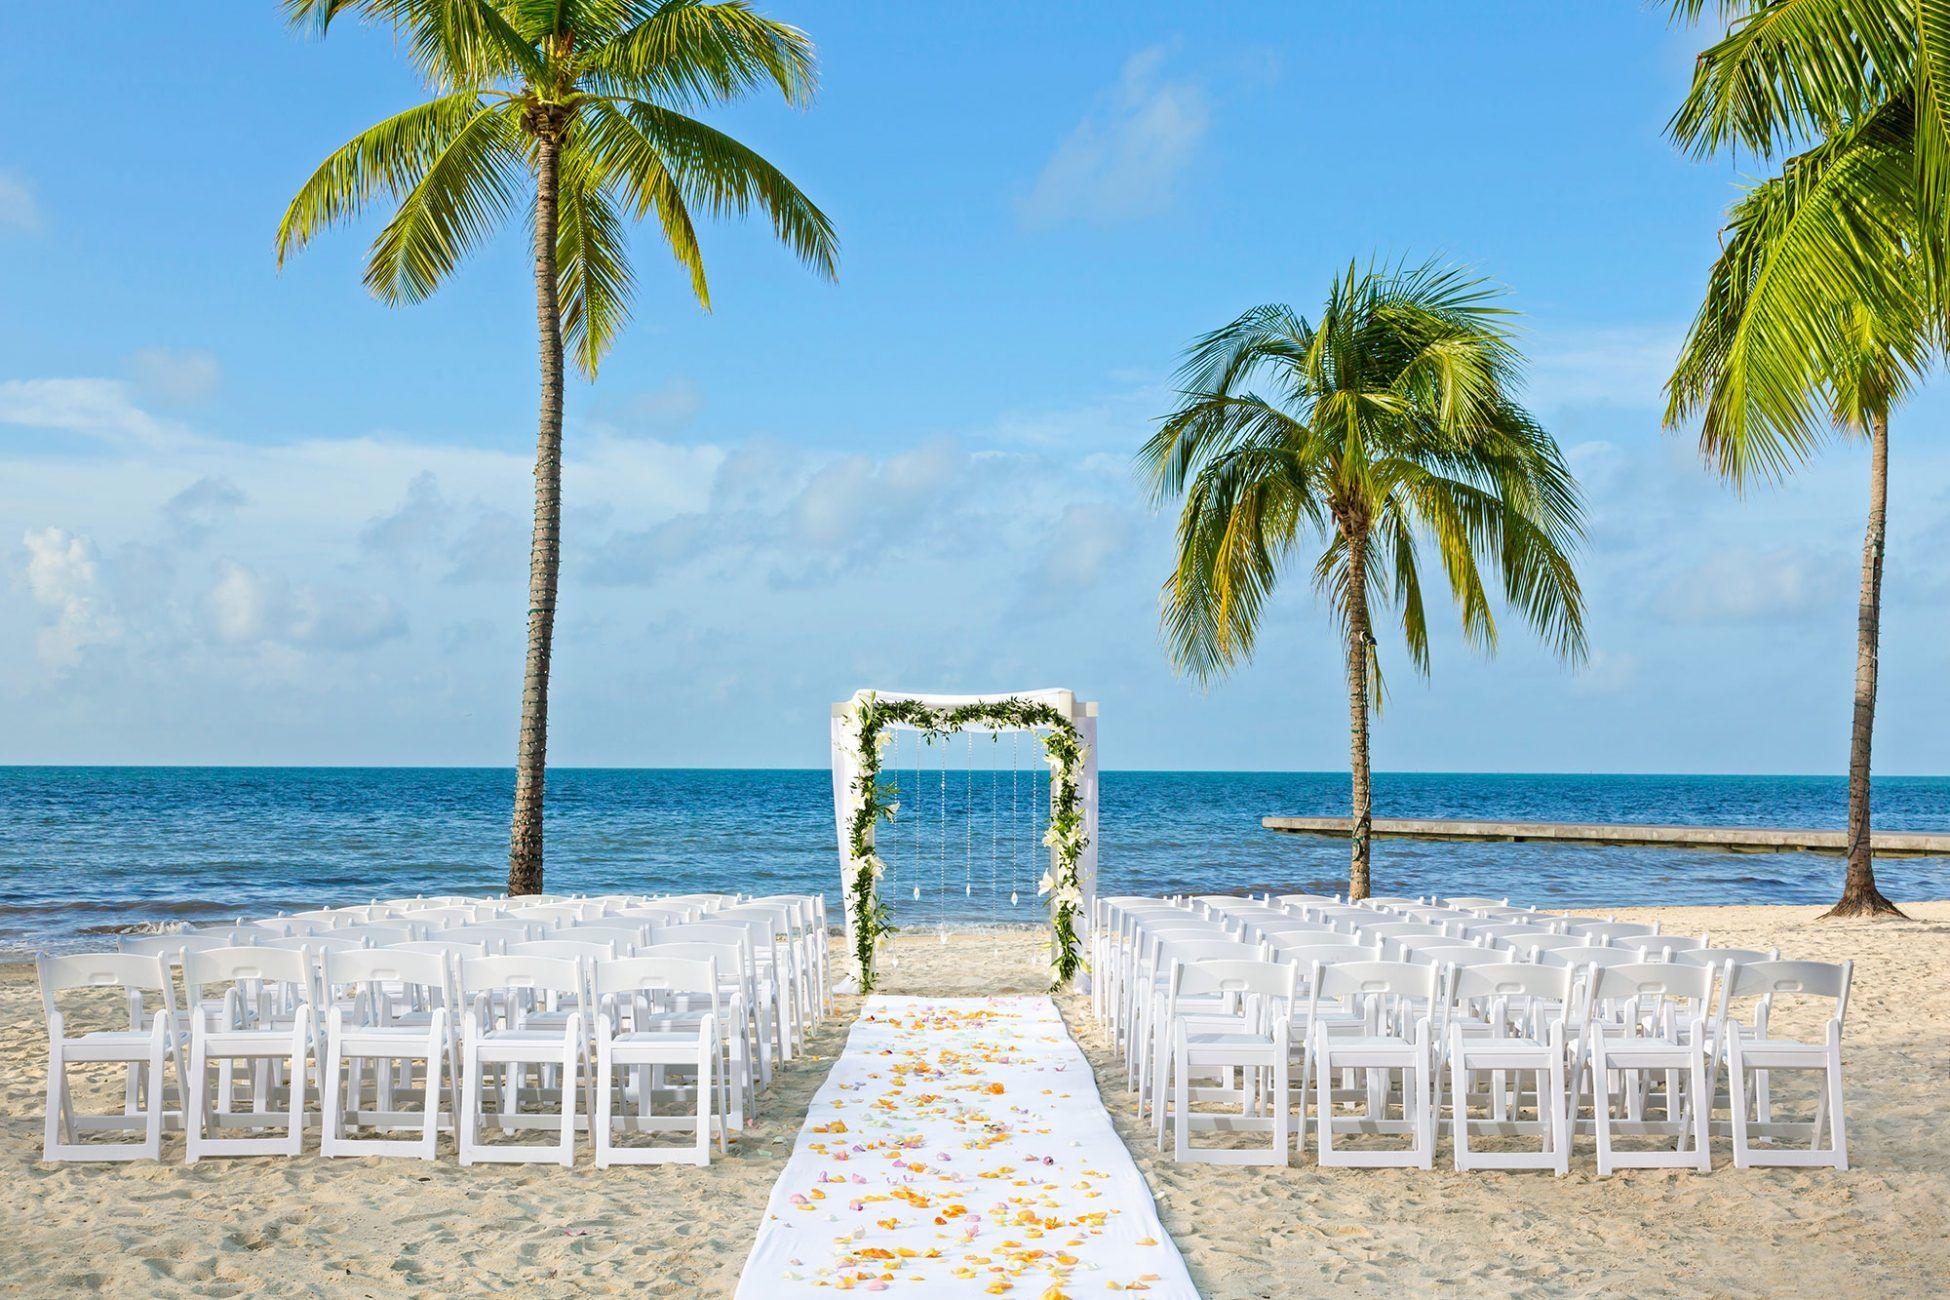 Key West Florida Destination Weddings Beach wedding